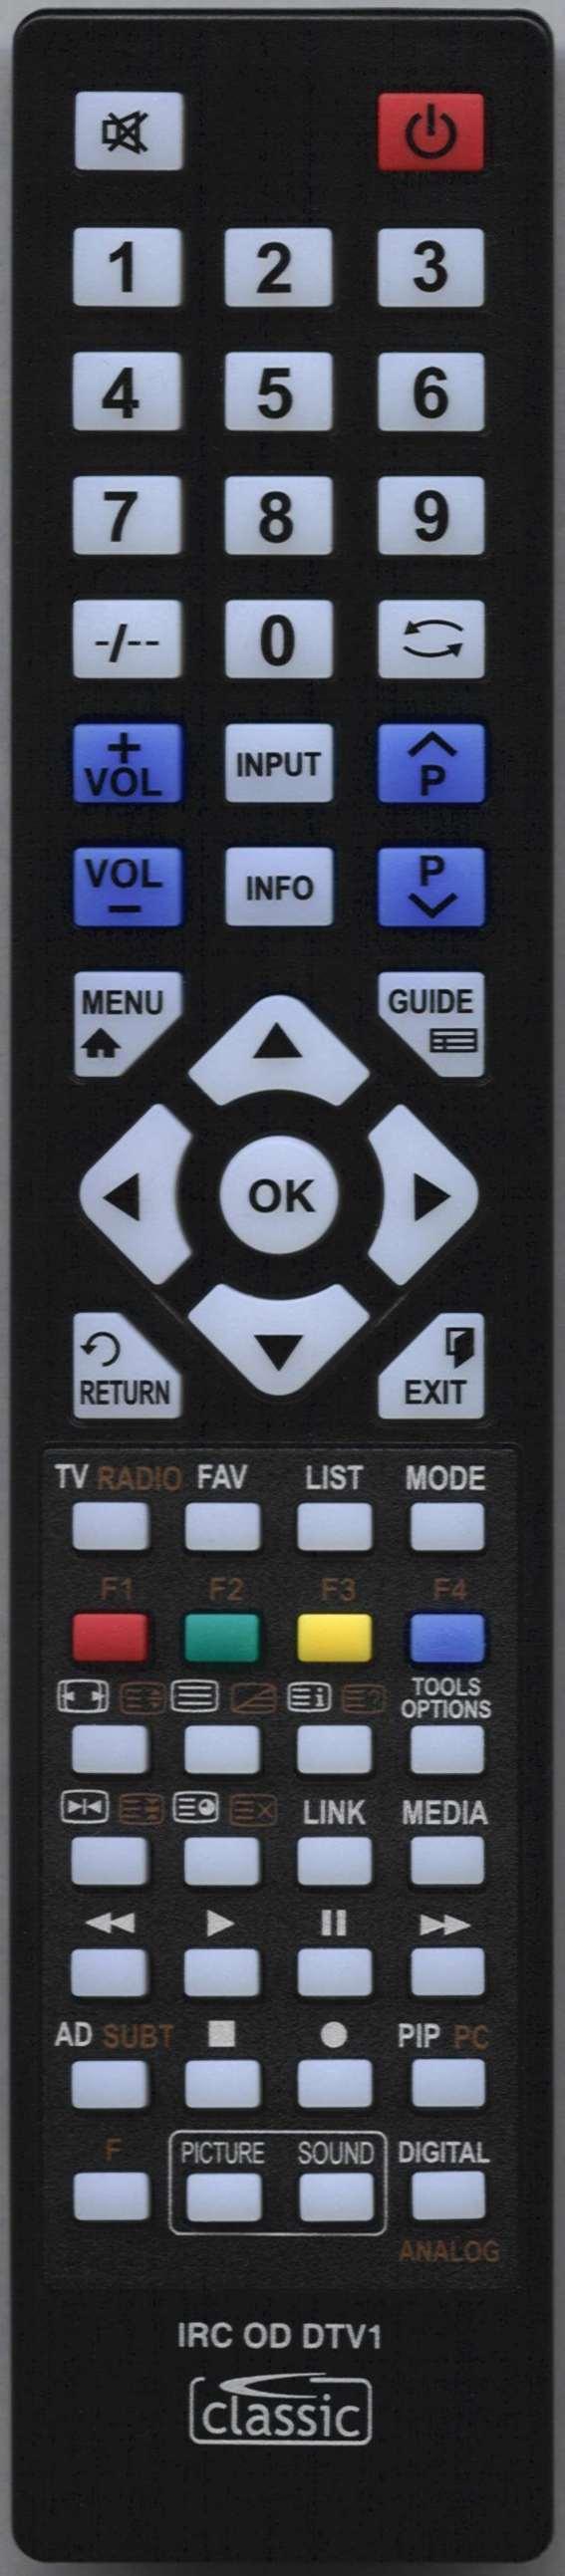 MATSUI C15DIGB10 Alternative Remote Control